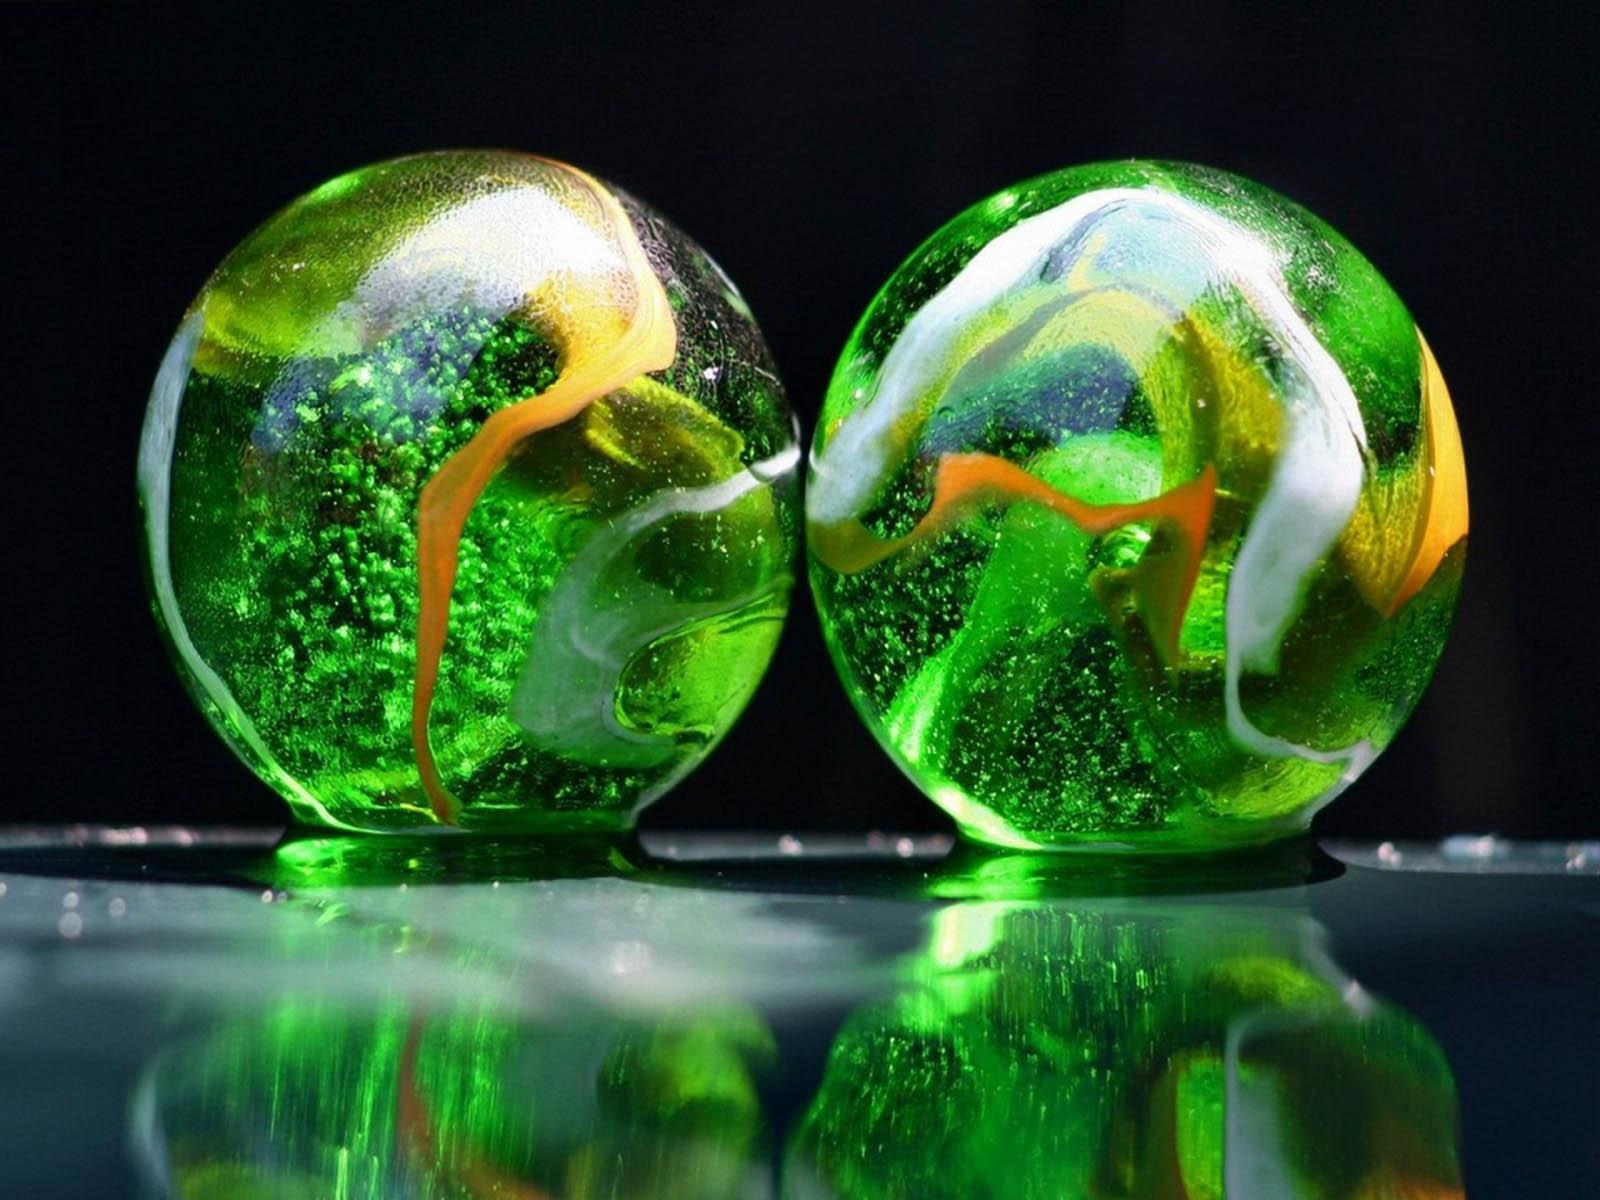 wallpapers: Glass Balls Desktop Backgrounds